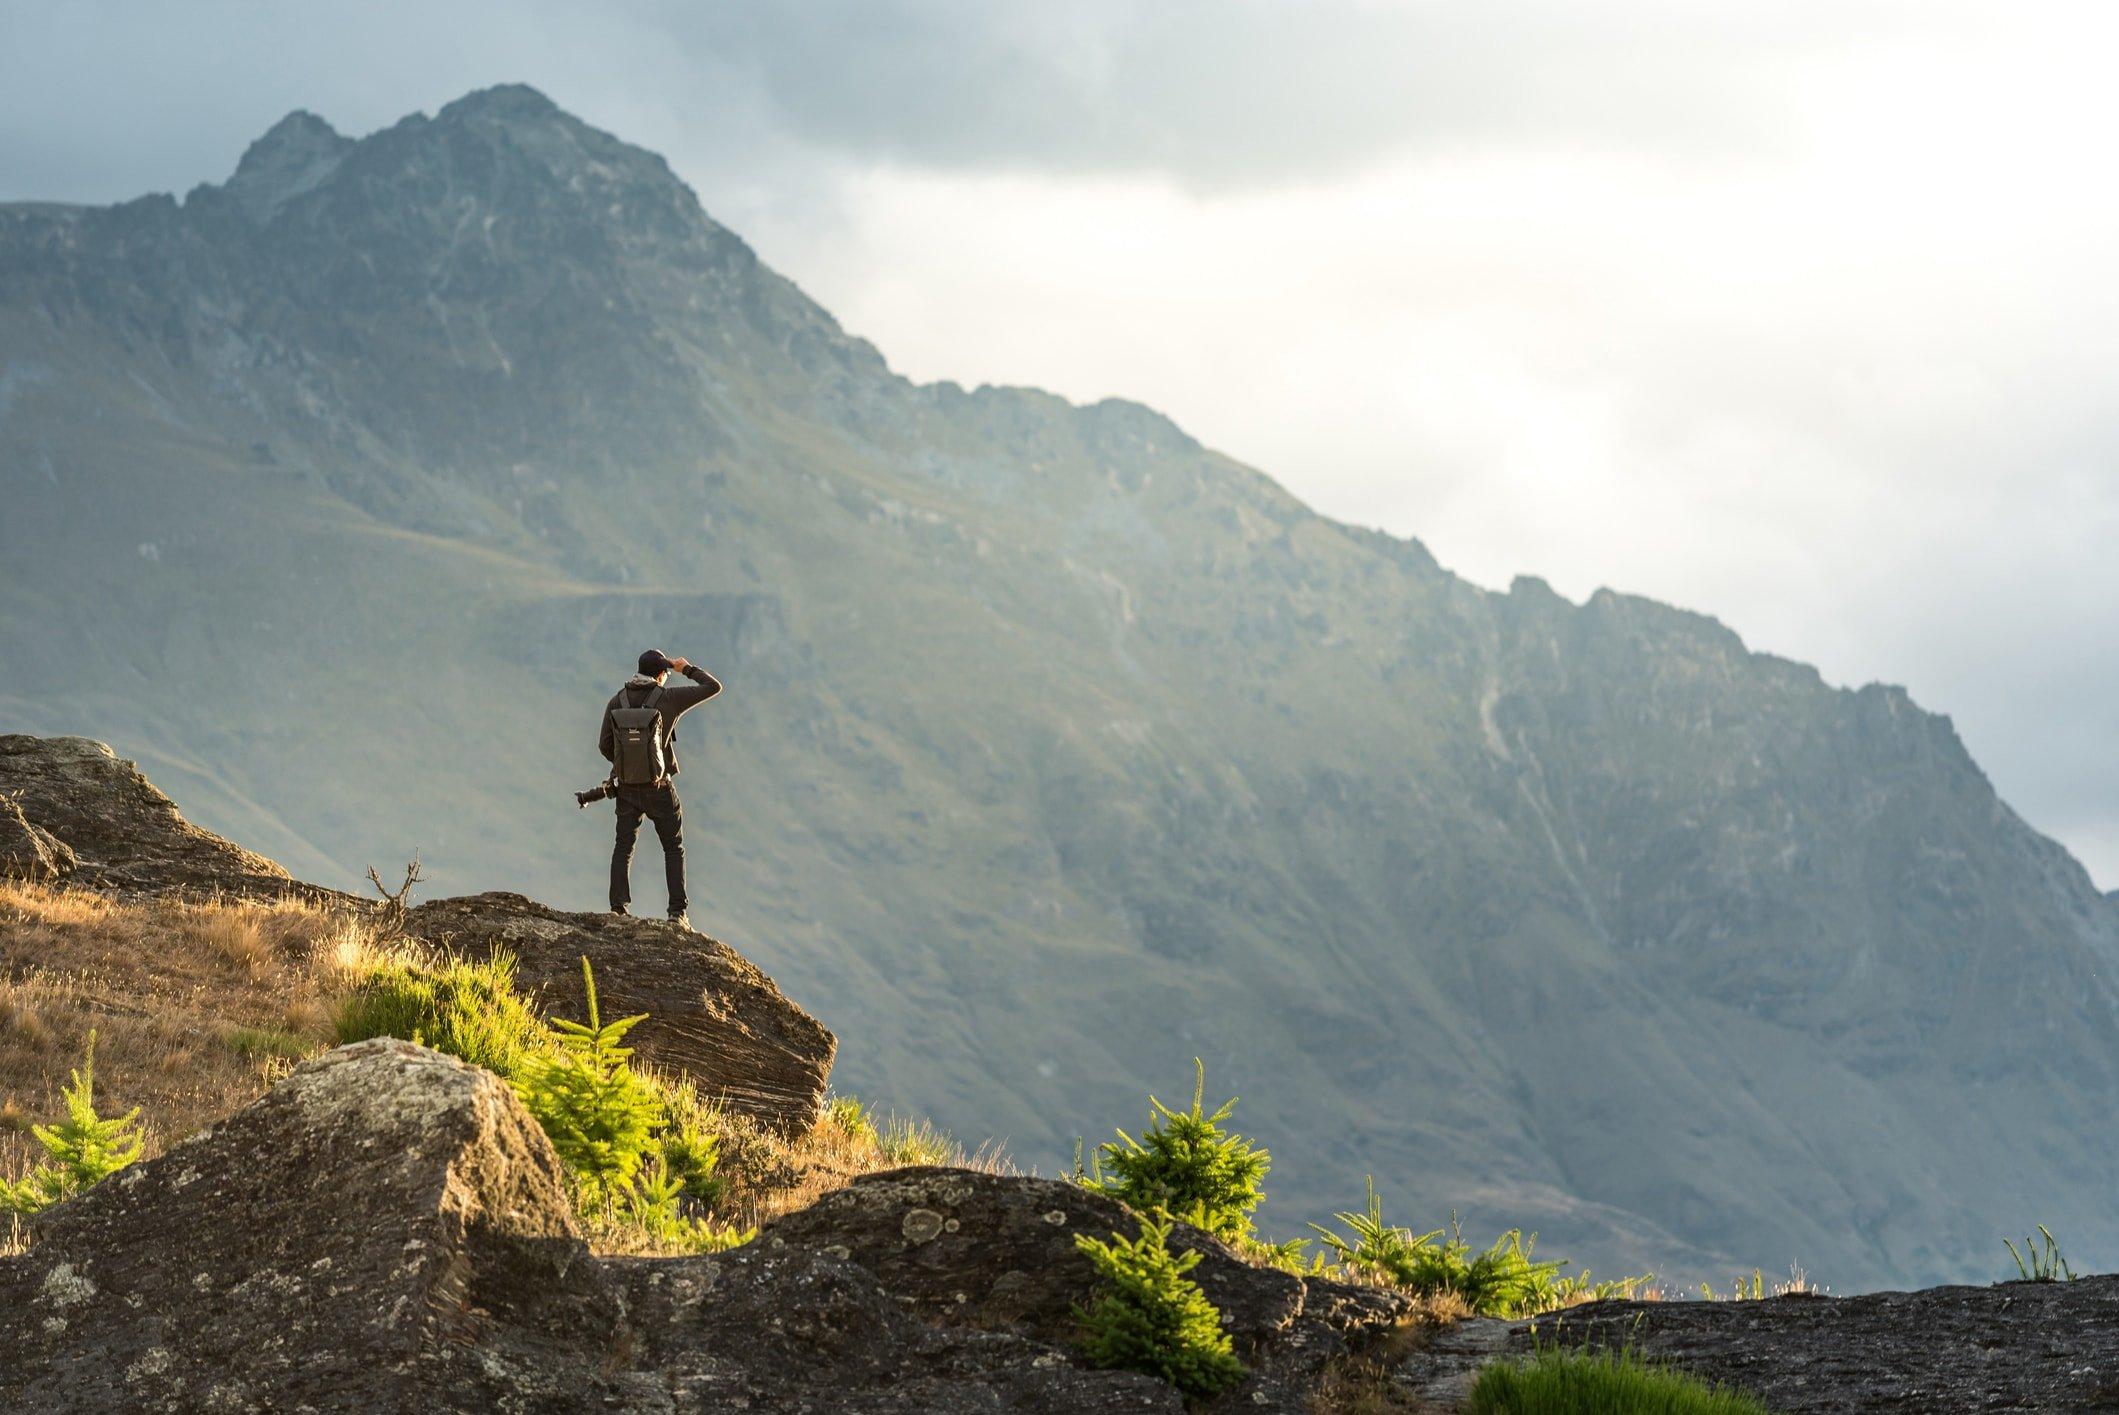 improve your landscape photos